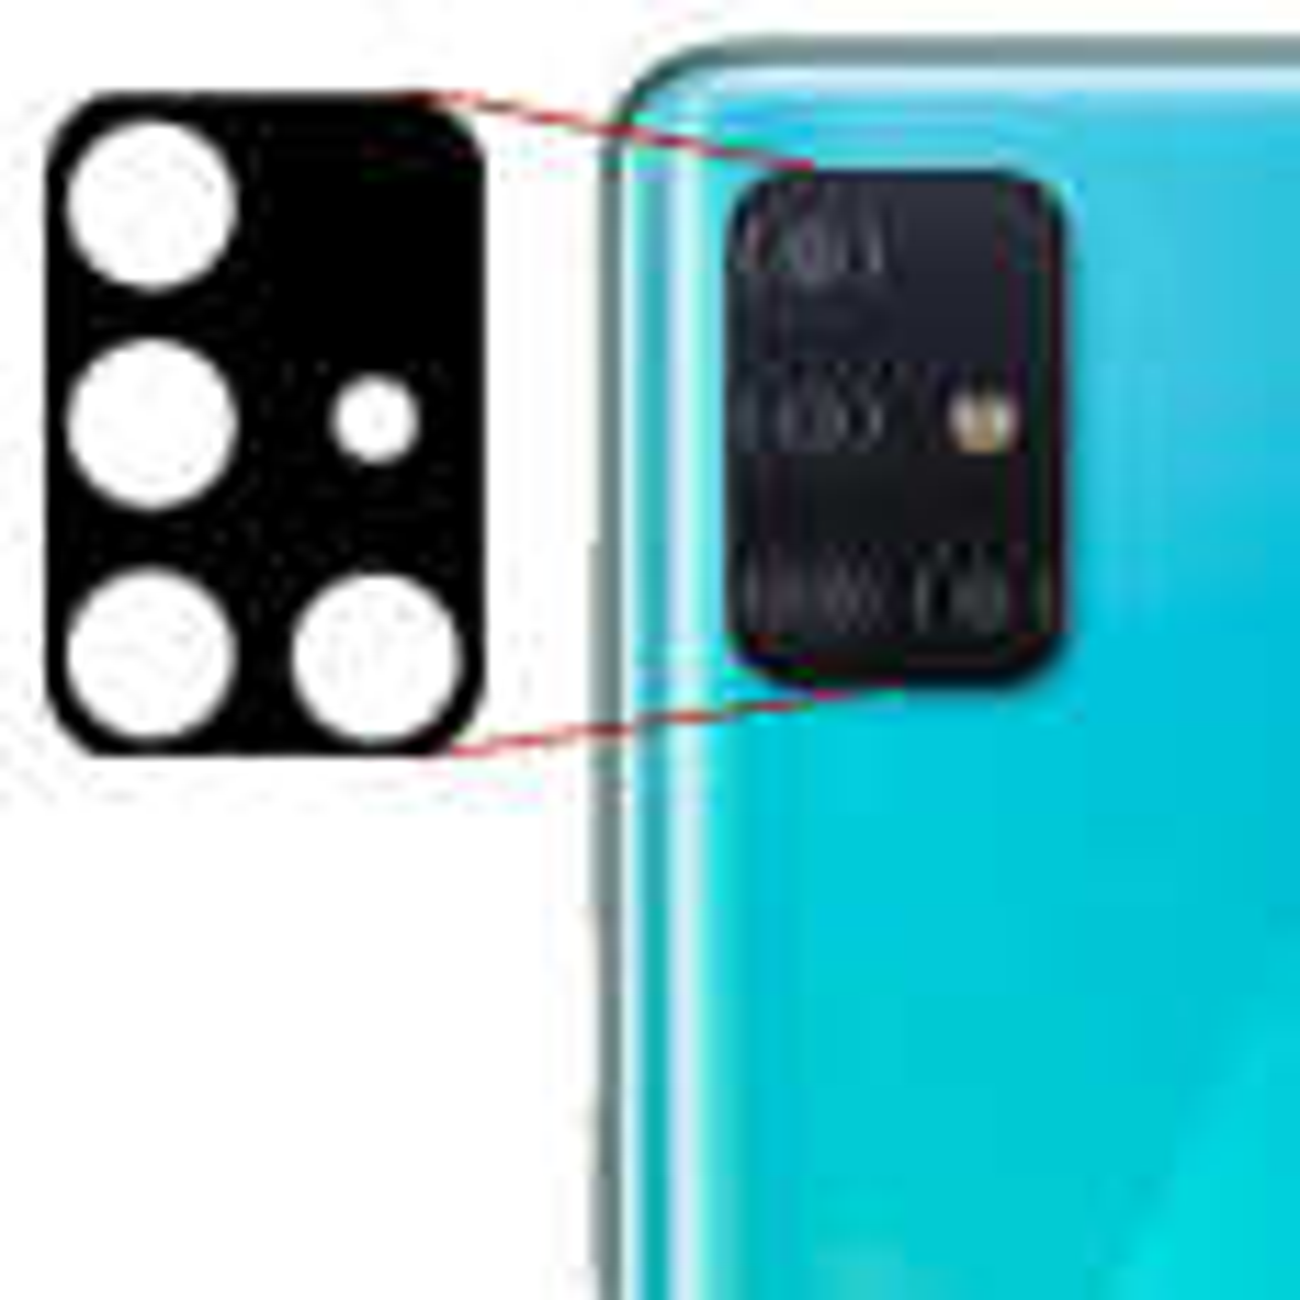 محافظ لنز دوربین مدل Ne-1 مناسب برای گوشی موبایل سامسونگ Galaxy A71 thumb 2